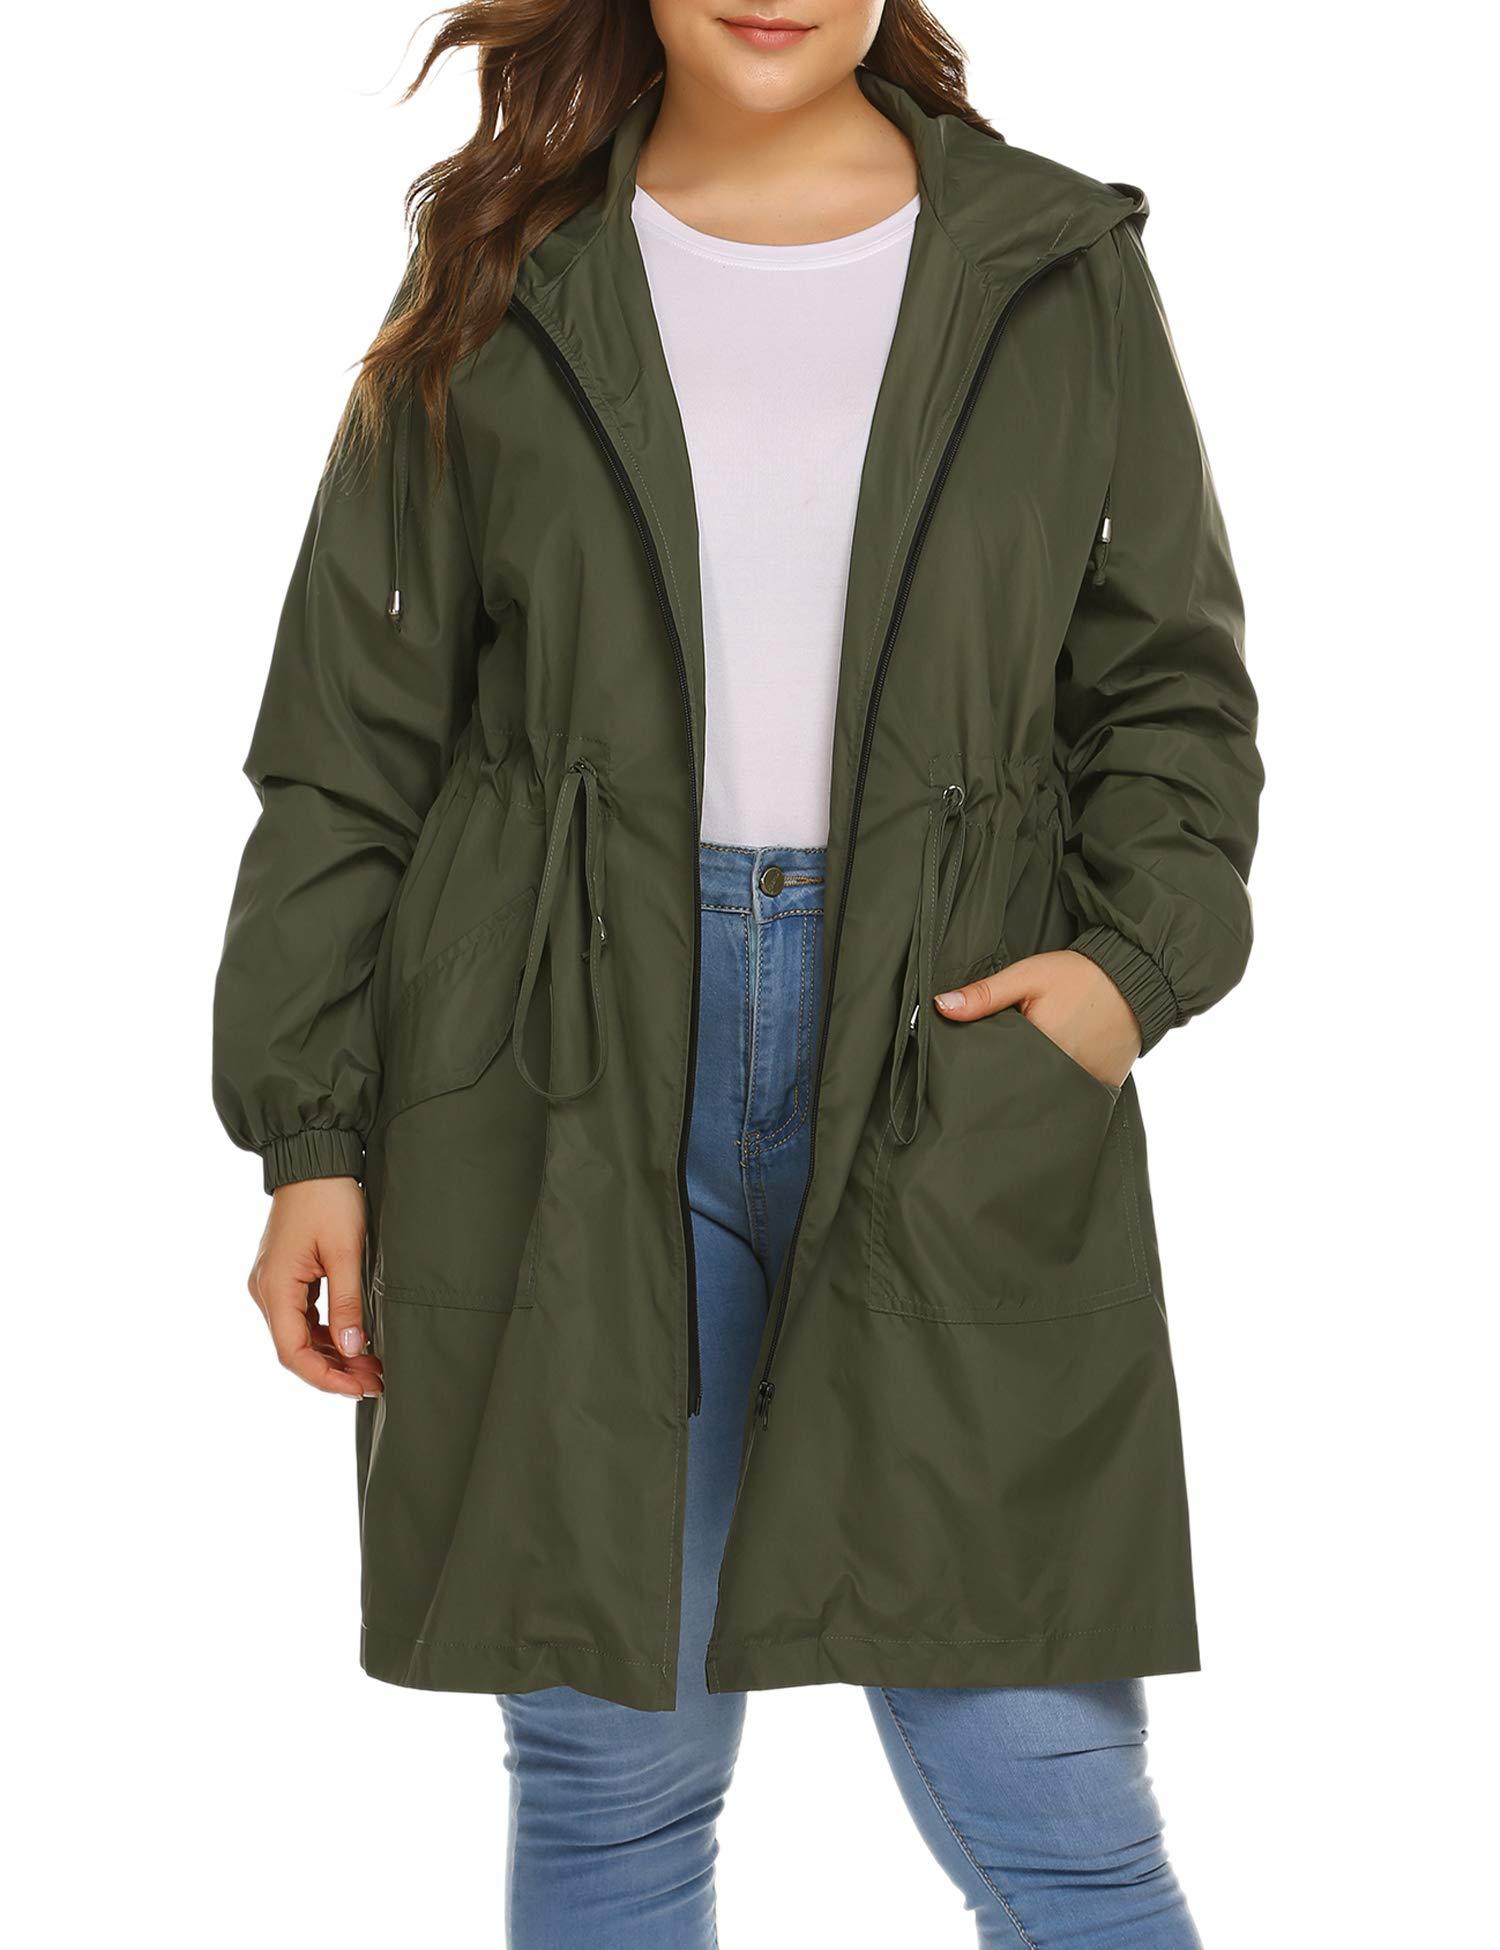 IN'VOLAND Women's Rain Jacket Plus Size Long Raincoat Lightweight Hooded Windbreaker Waterproof Jackets with Pockets